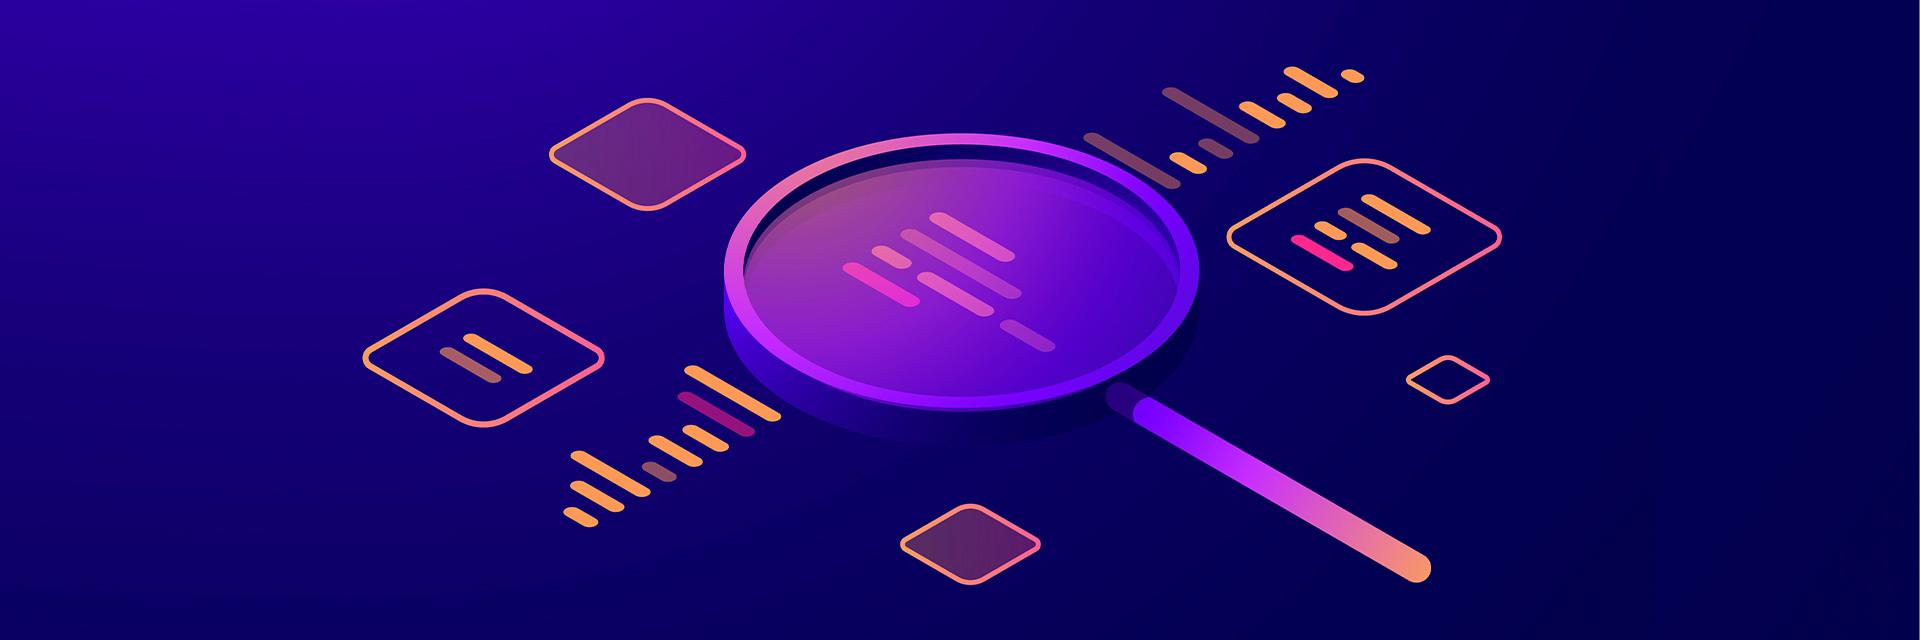 Обзор рейтинговой площадки для хостингов, партнерских программ и рекламных сетей